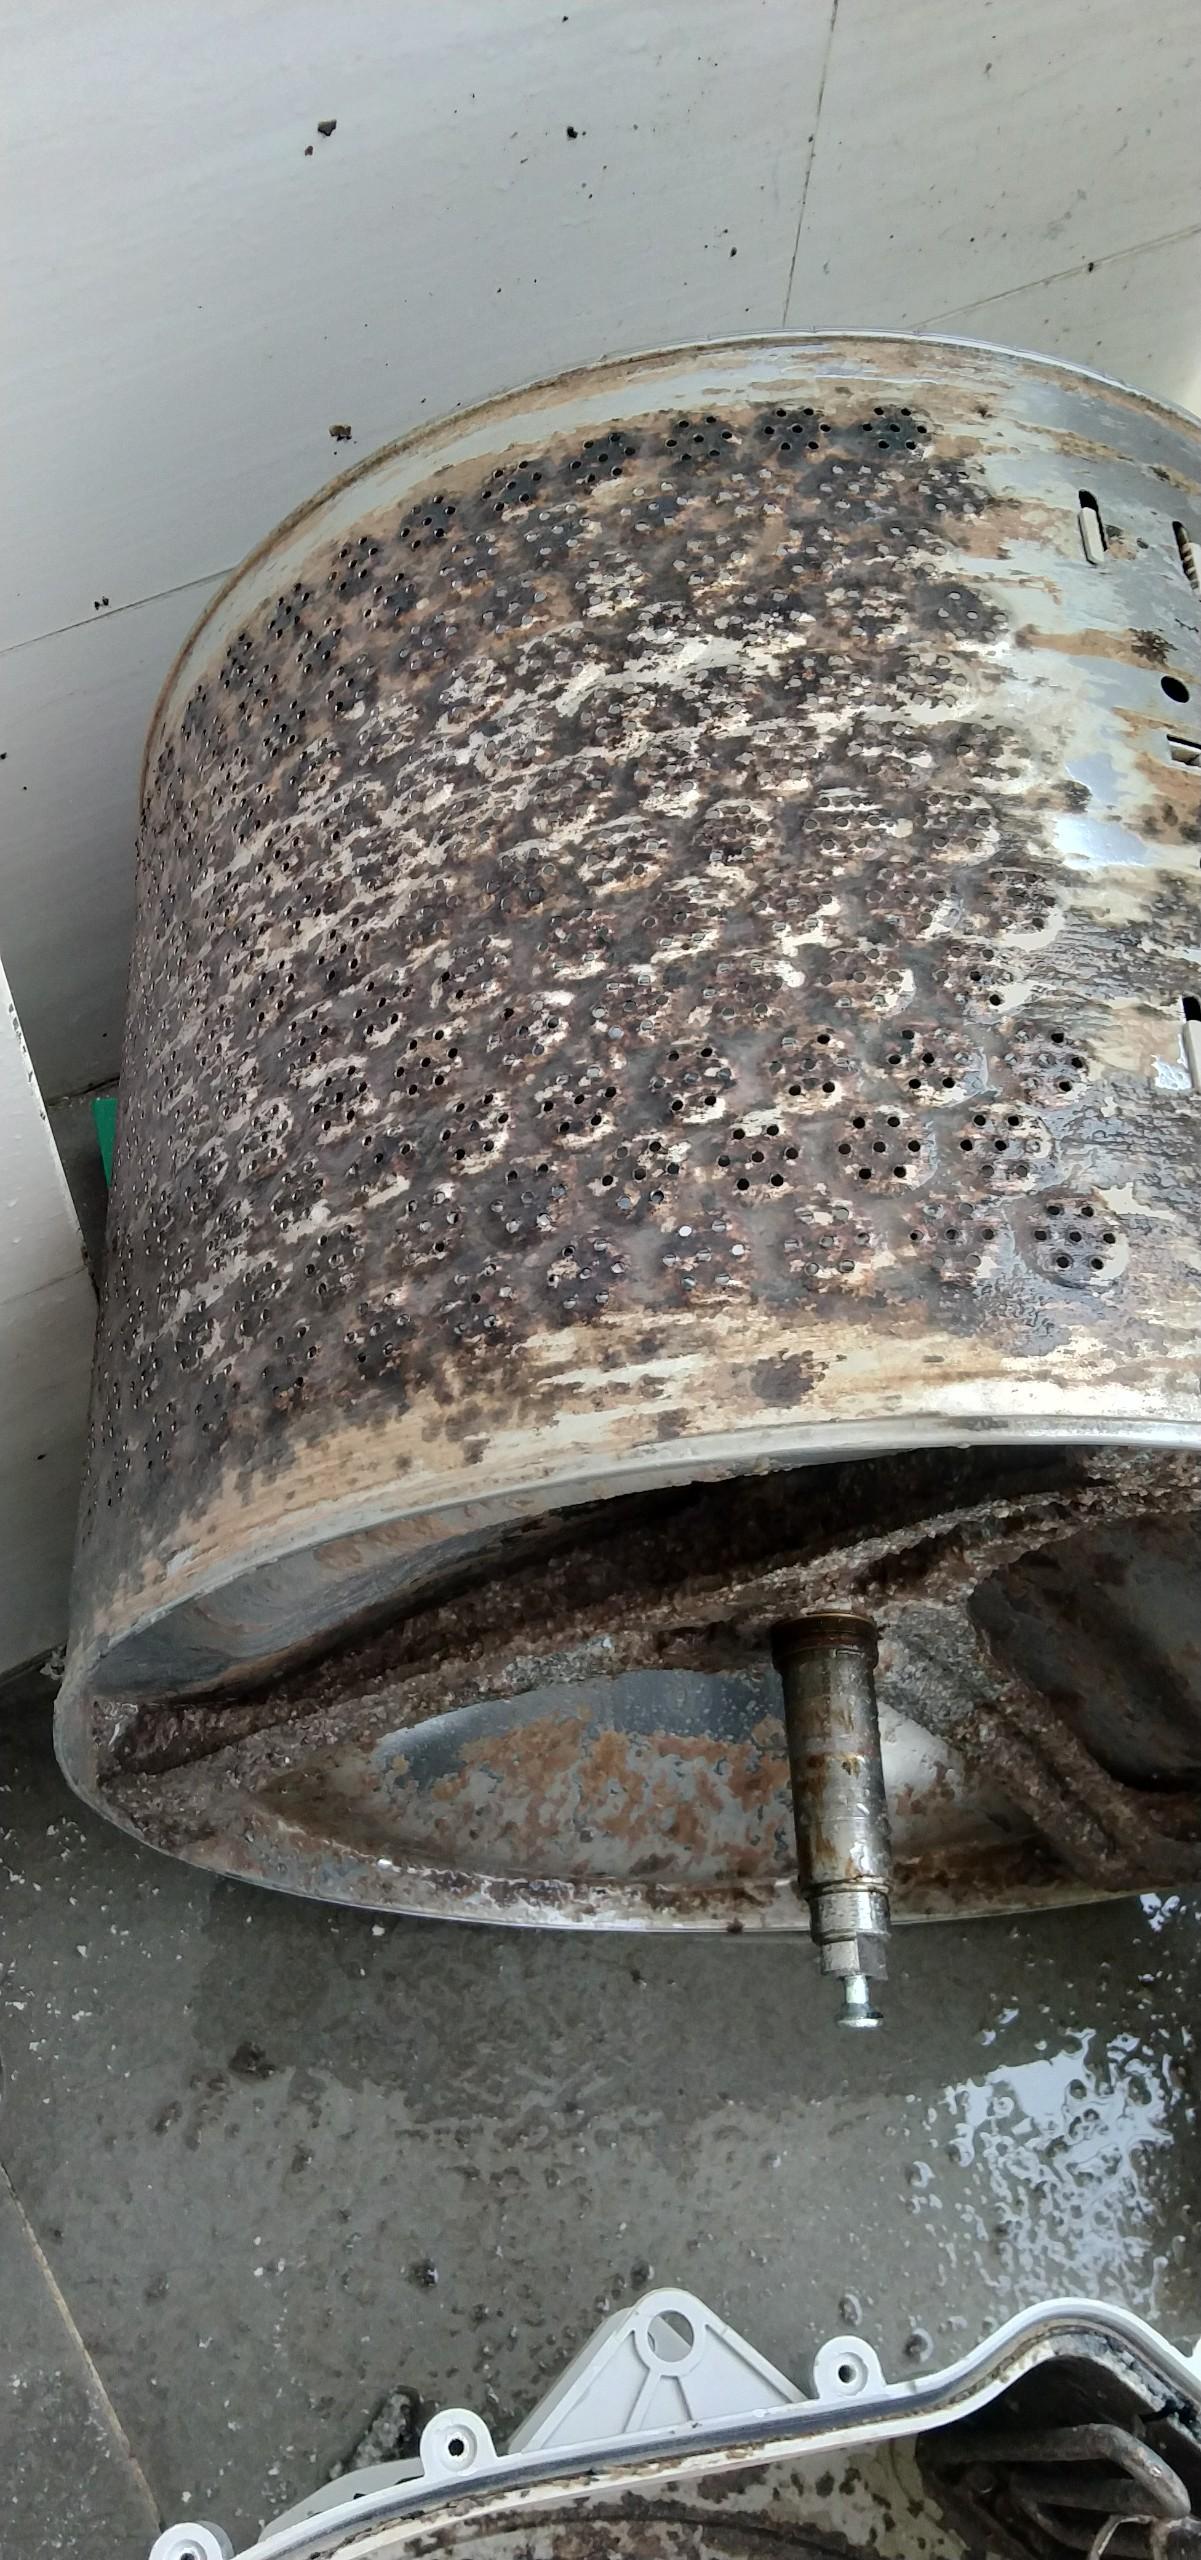 Dịch vụ vệ sinh máy giặt tại Dĩ An